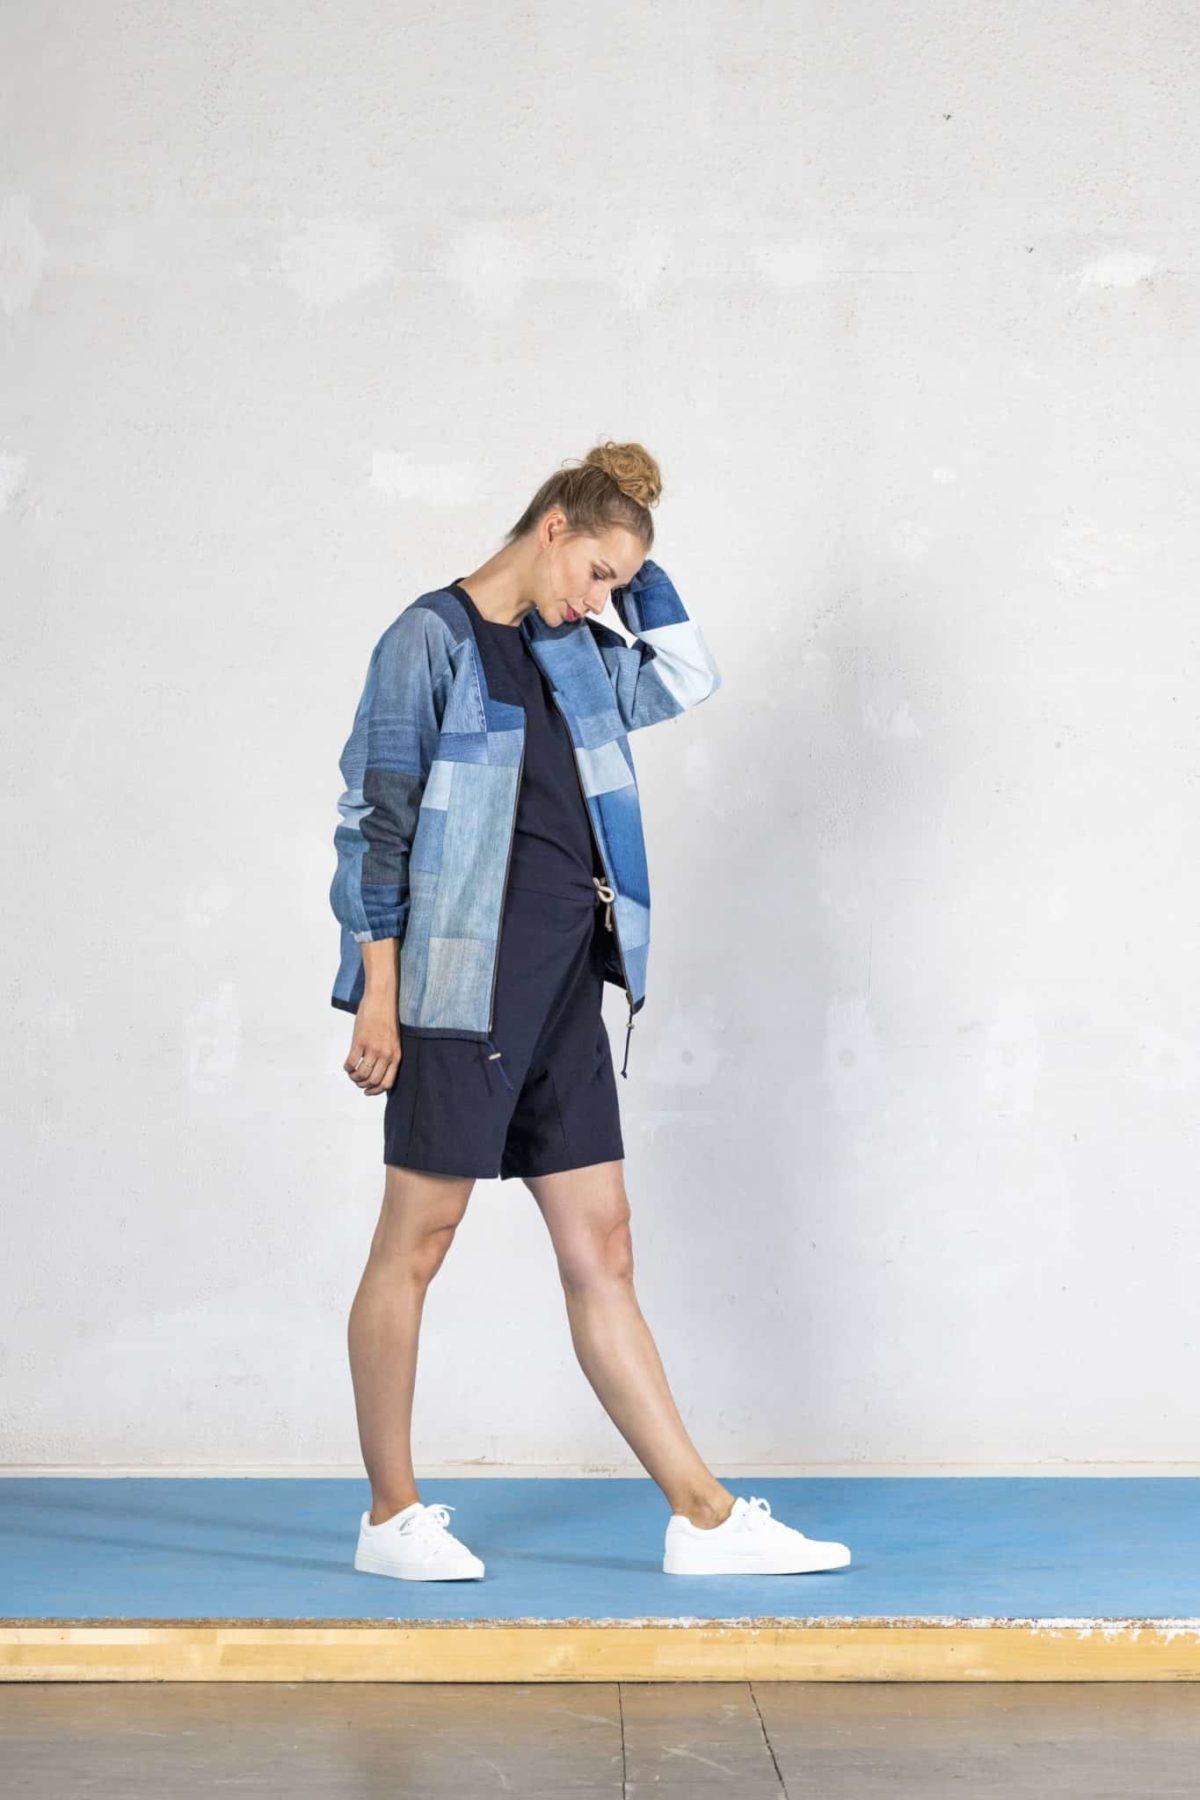 Blouson Jeansjacke Bomberjacke Collegejacke Jeans Denim Patchwork Upcycling Bridge&Tunnel